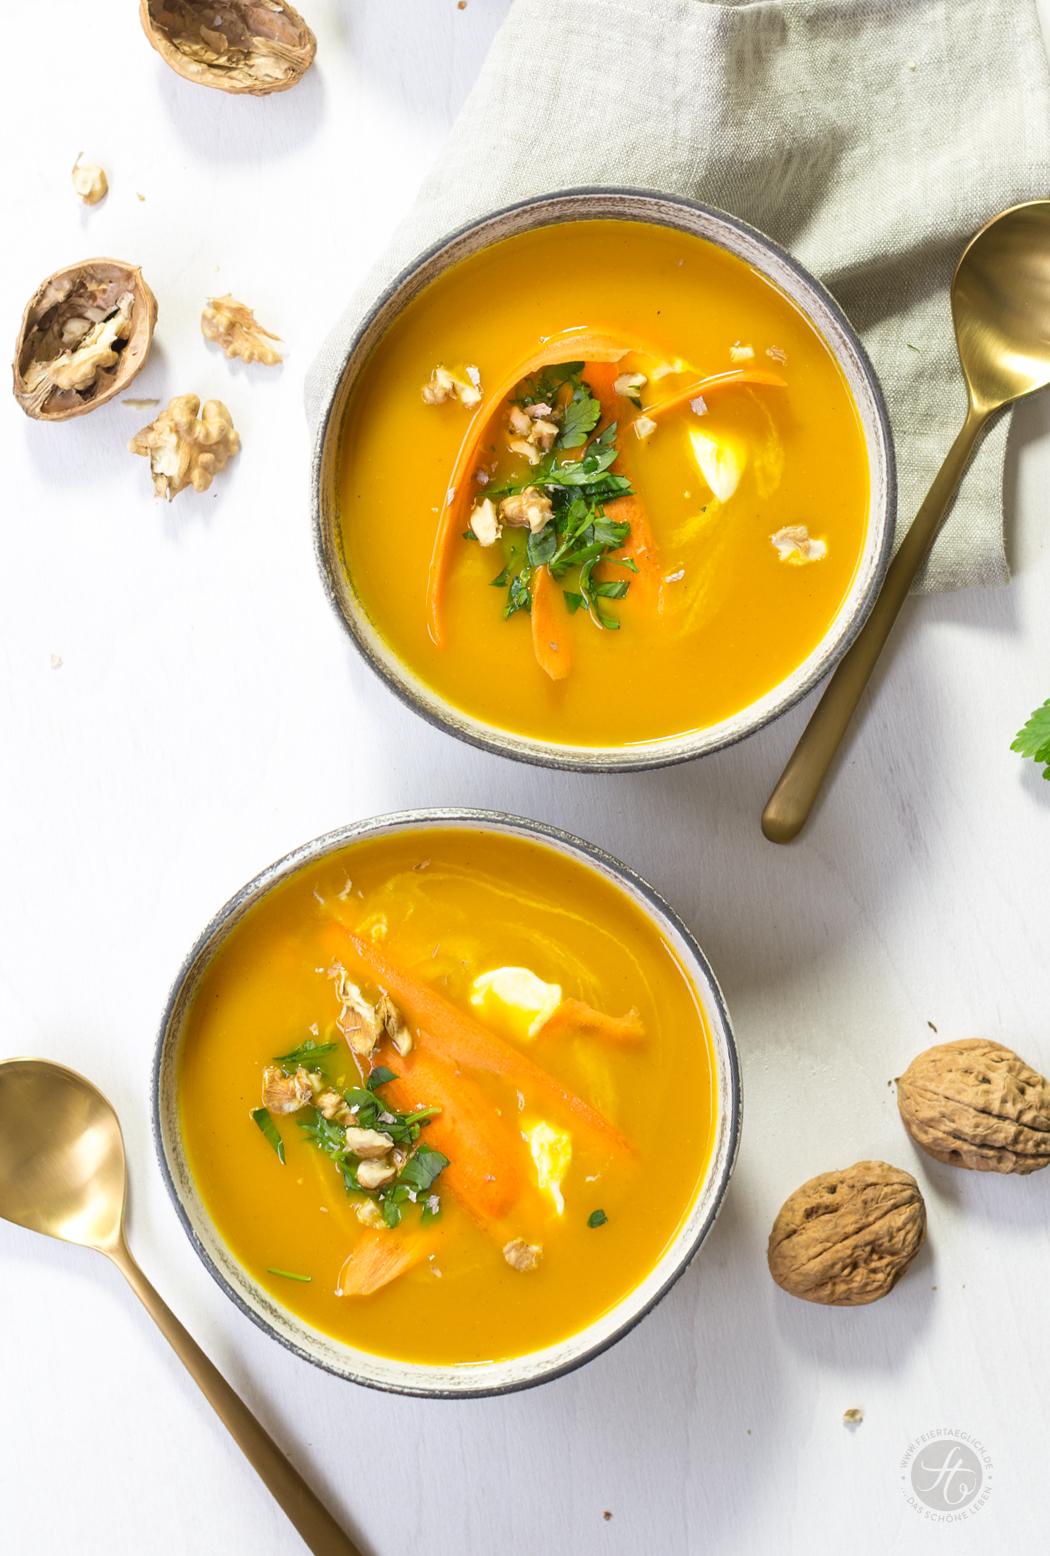 Karotten-Orangen-Suppe mit Ras-el-Hanout, Petersilie und Walnüssen, schnelles & einfaches Rezept